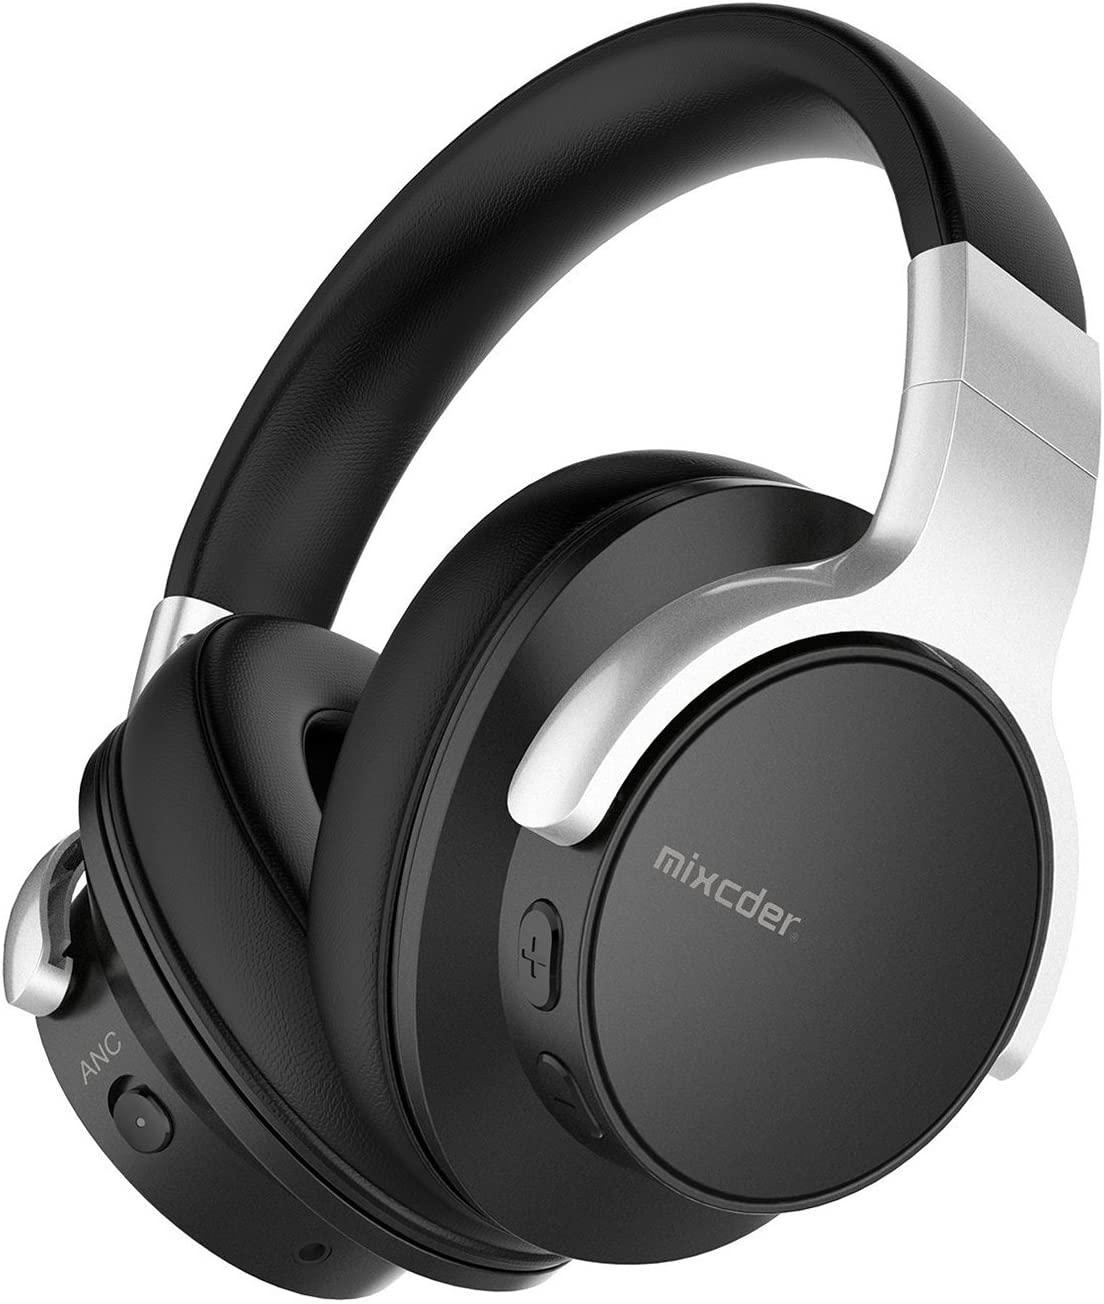 Cancelador de ruido Mixcder E7 Bluetooth